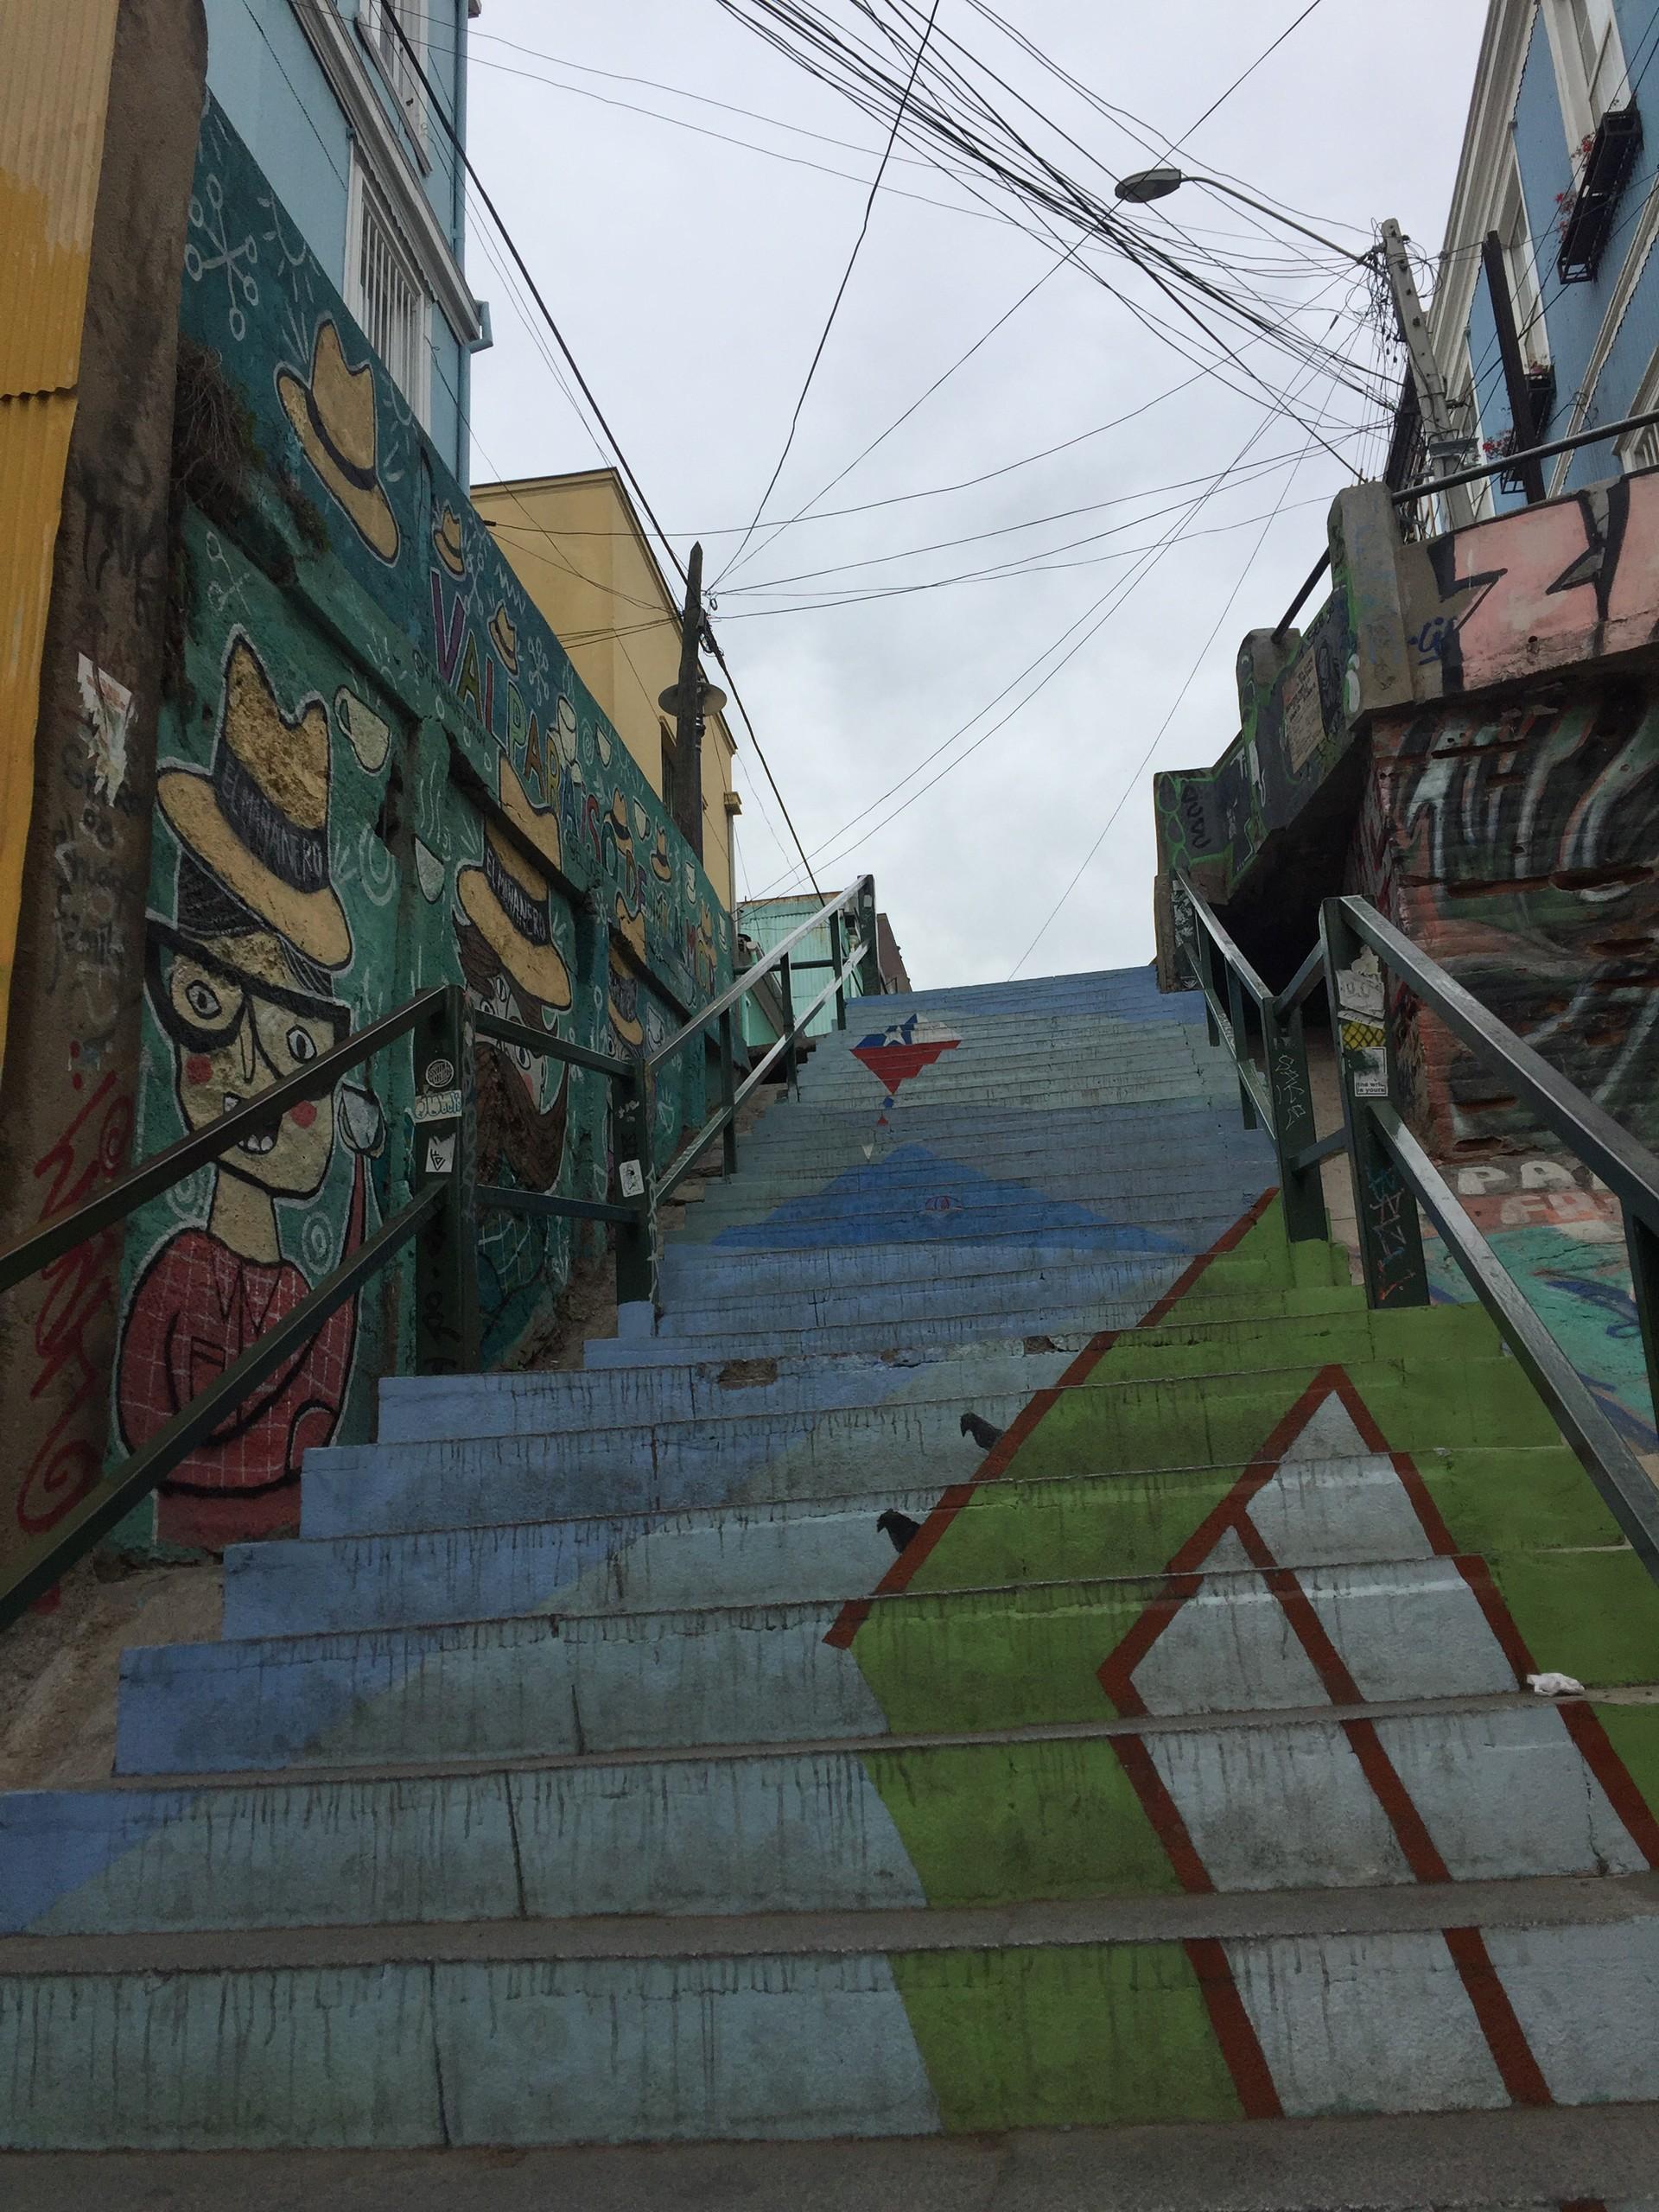 tercer-dia-valparaiso-dff4b82e1e6e52cce6